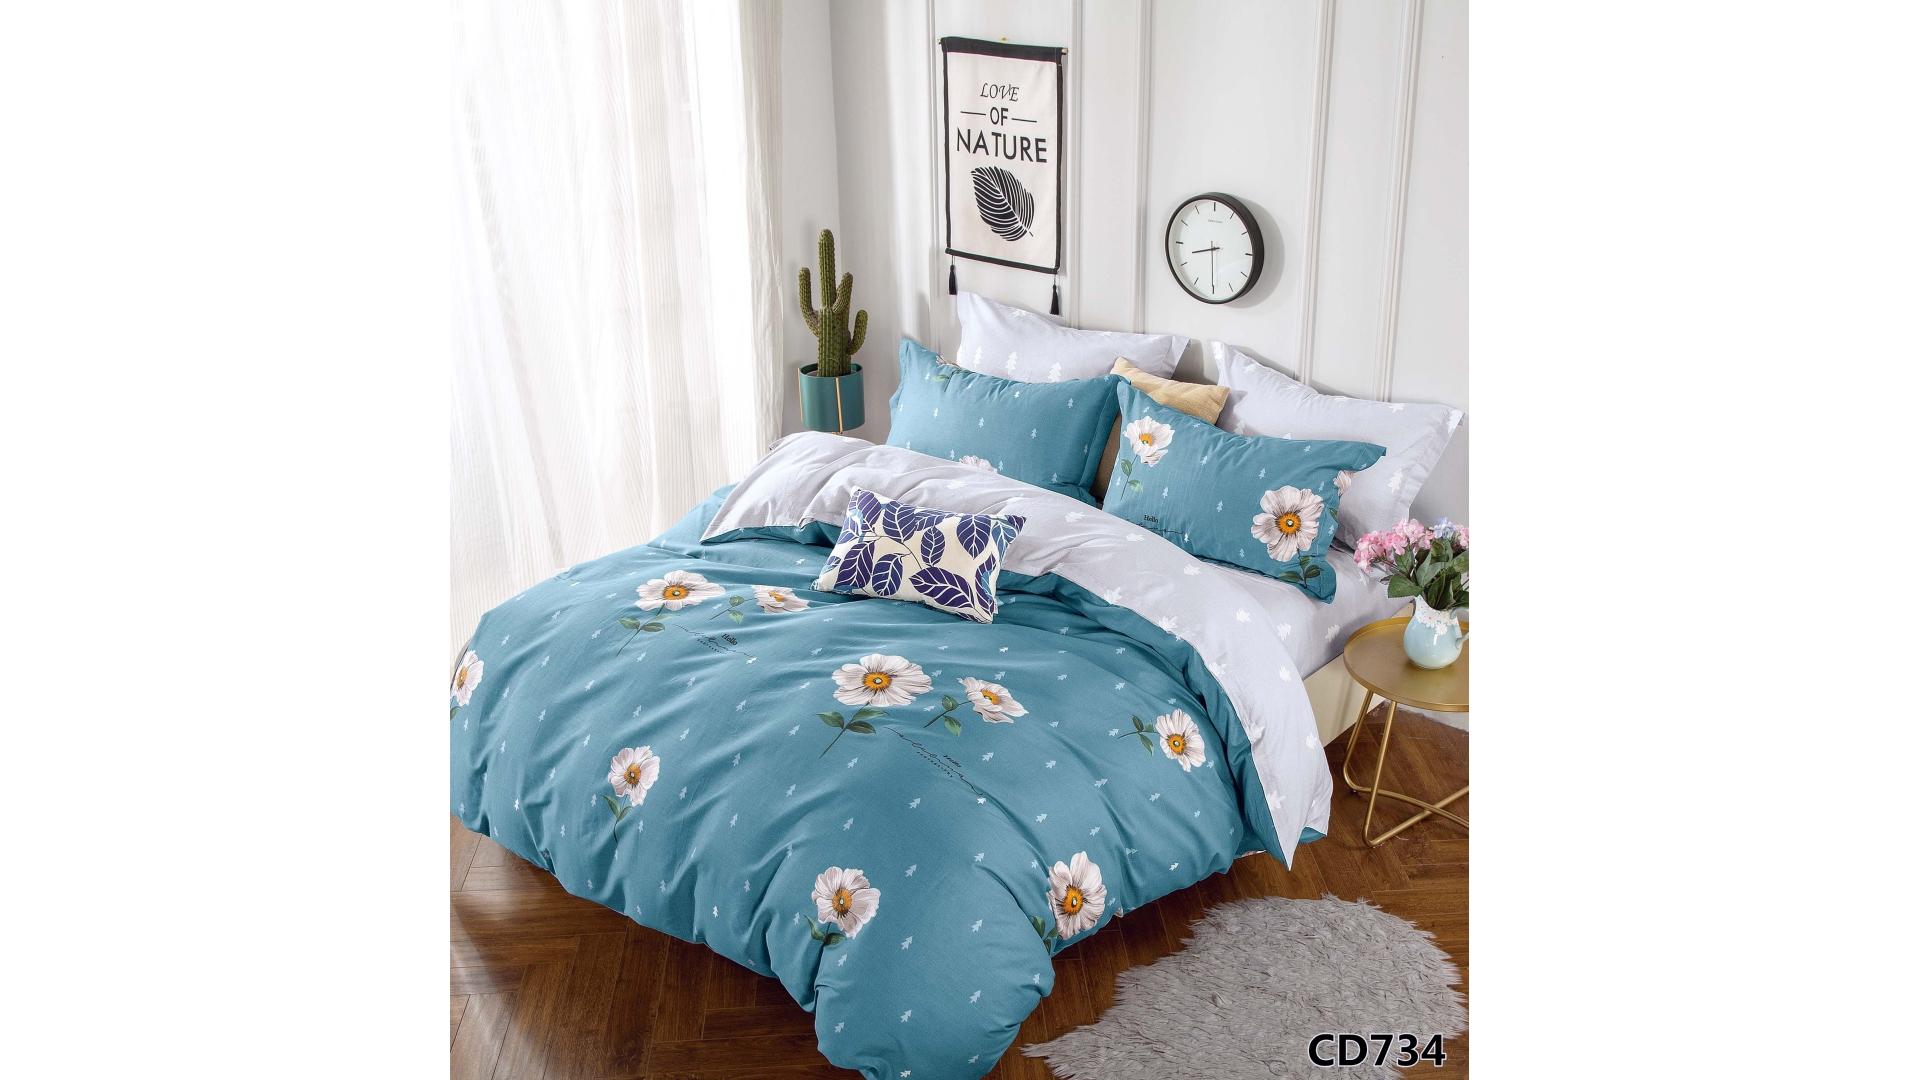 Комплект постельного белья Арлет (CD734)  фото FullHD (0)